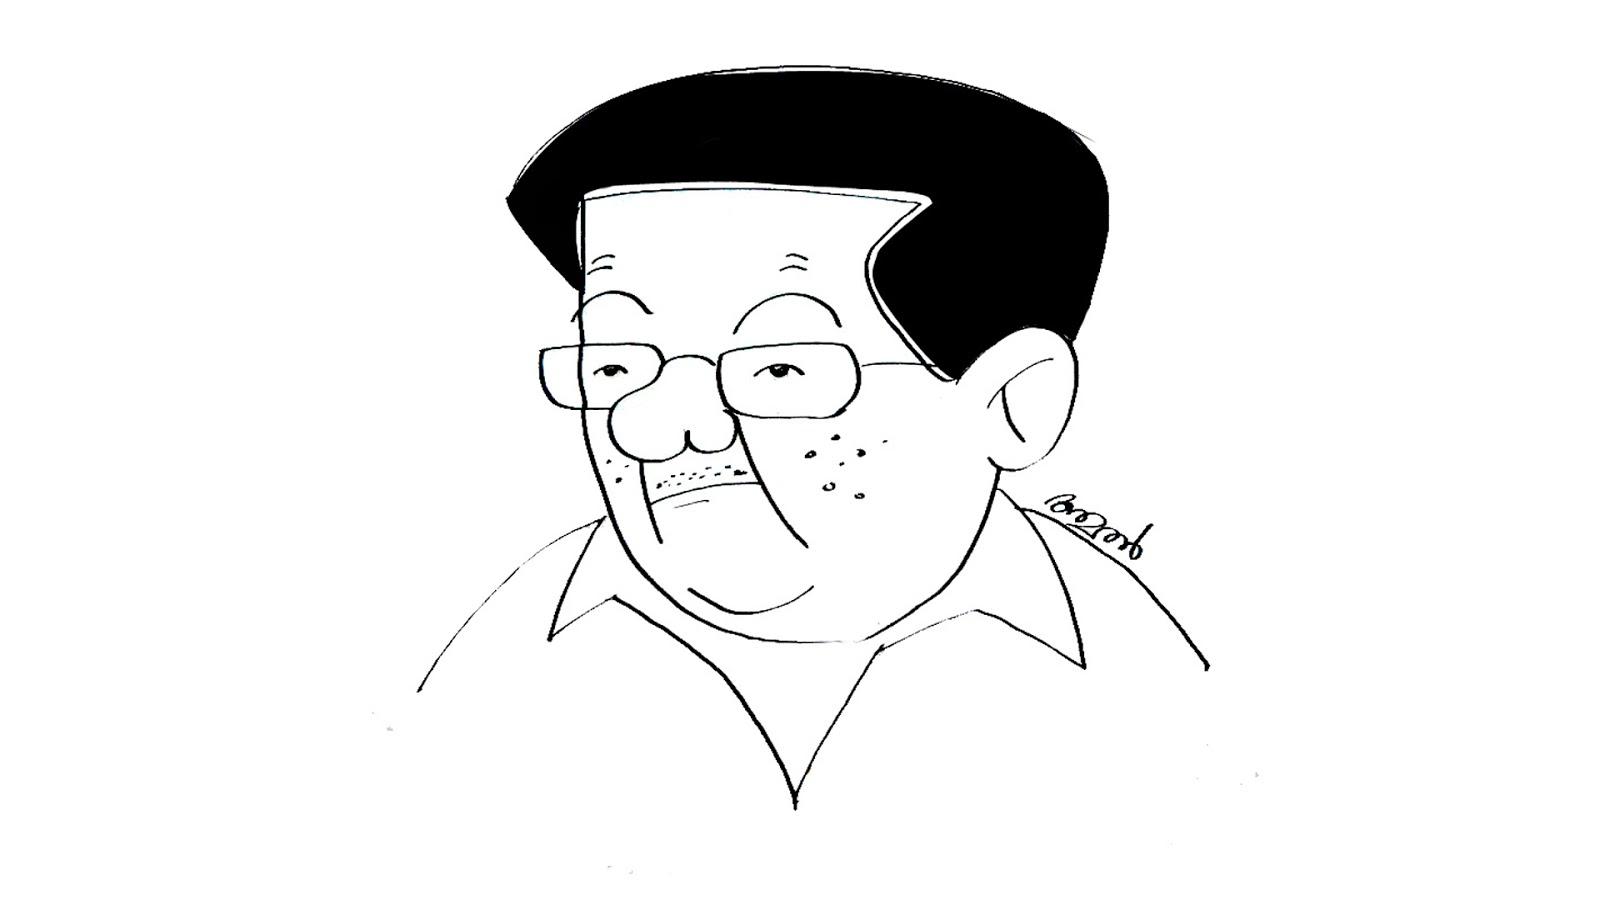 Cartoons By Amal: How to draw Pinarayi Vijayan Cartoon